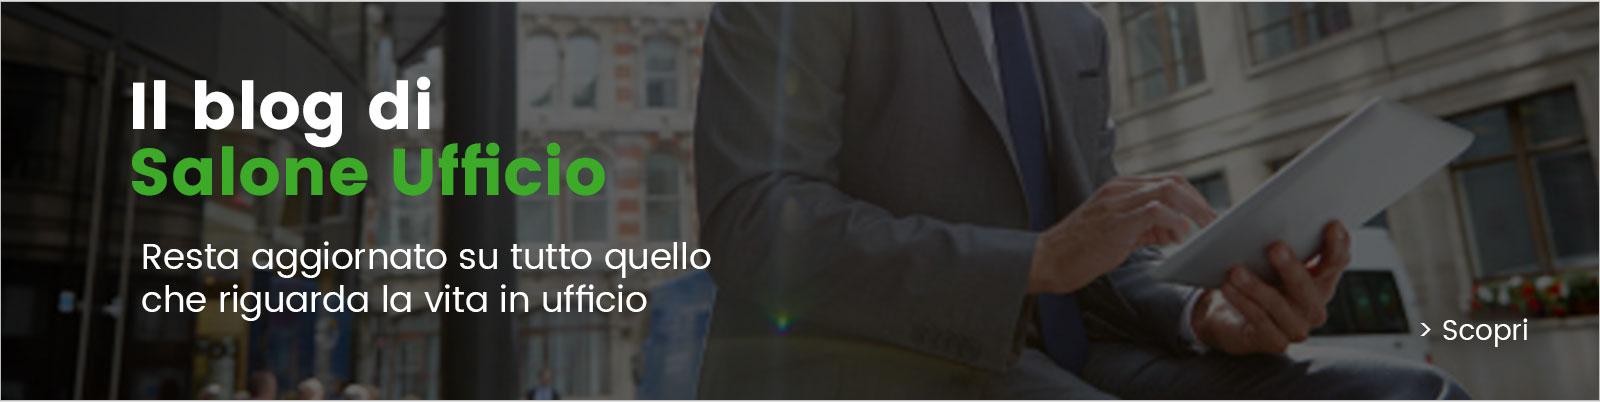 Vendita mobili ufficio online salone ufficio for Mobili occasioni online